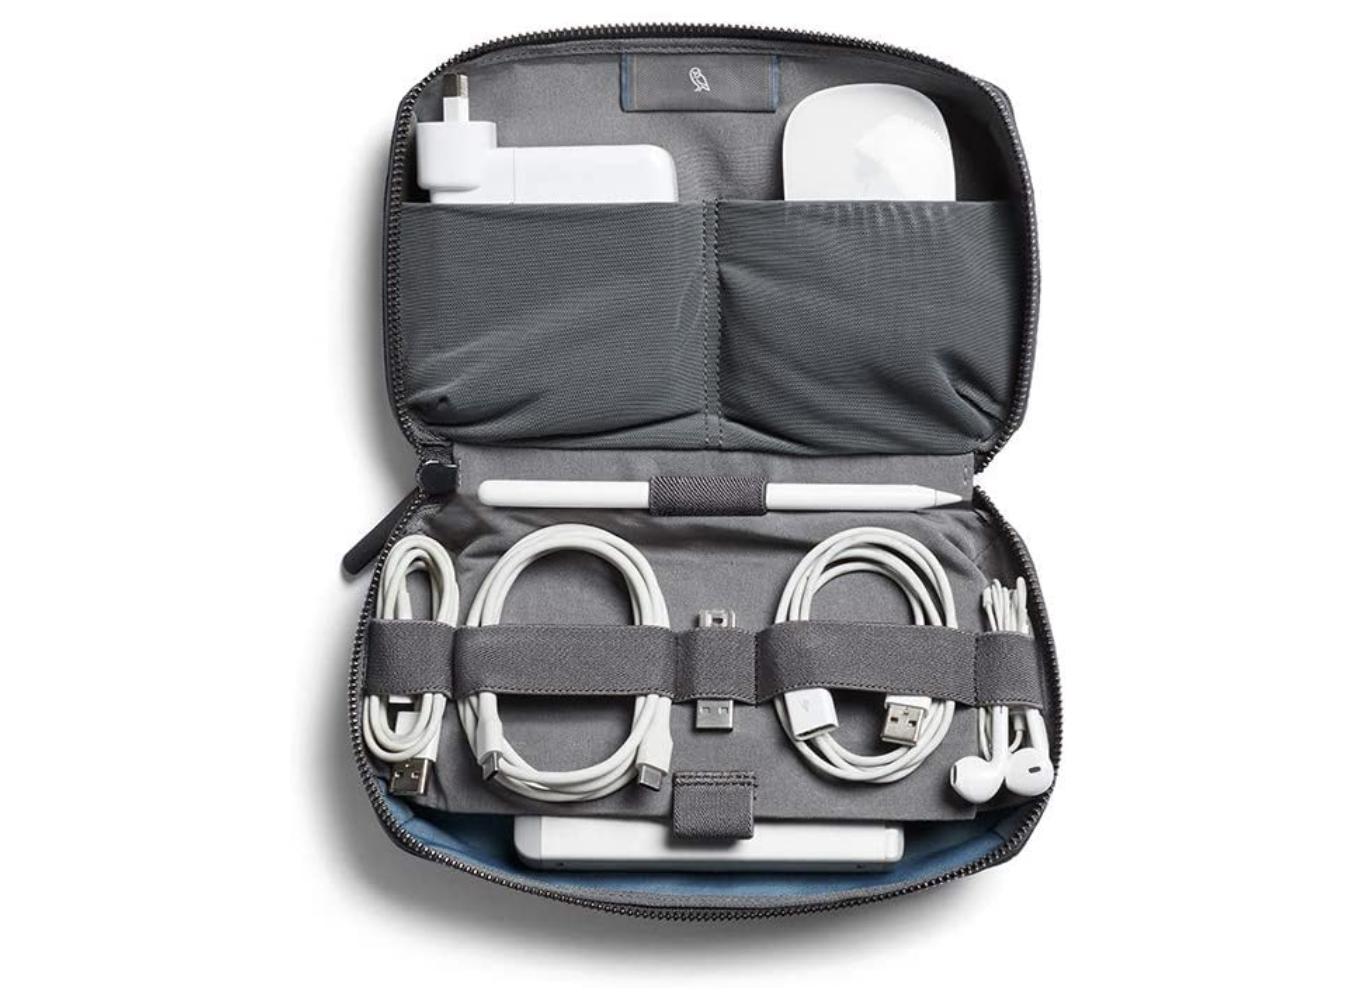 Bellroy Tech Accessories Zip Pouch